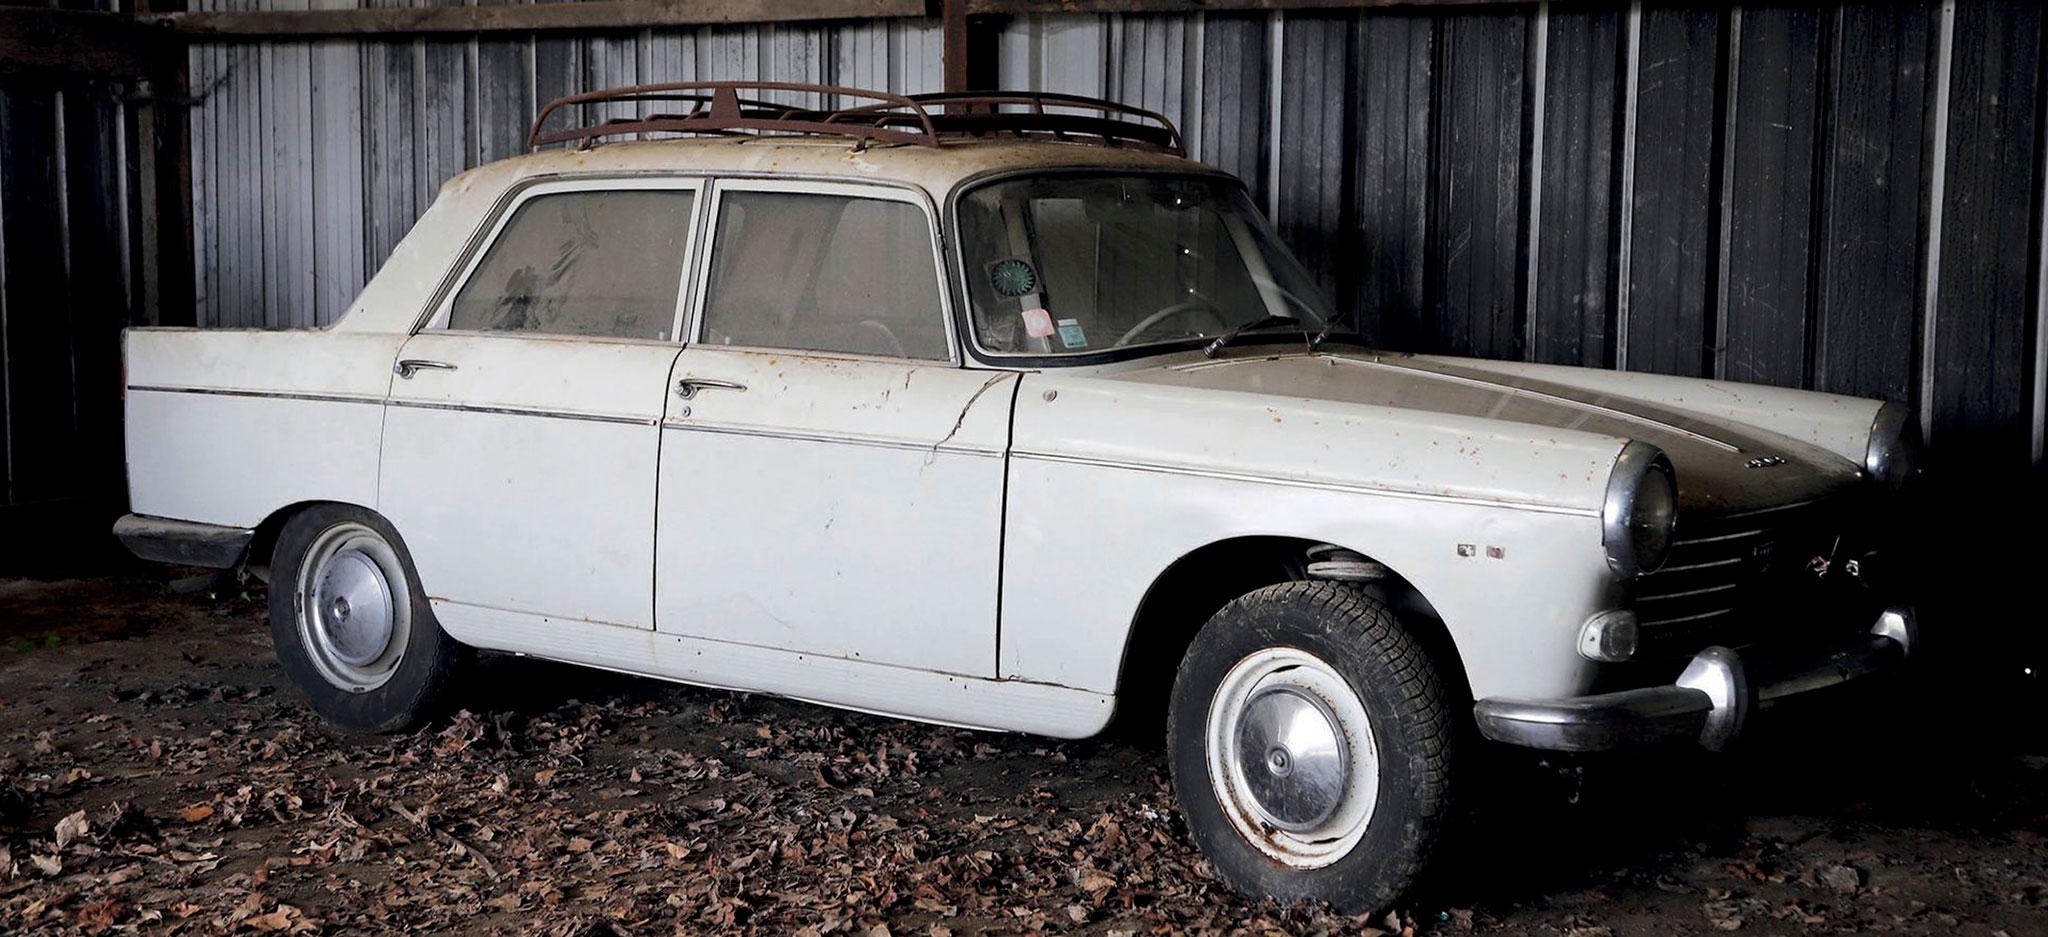 1964 Peugeot 404 Berline €1000 - 3000 - Populaires Françaises.